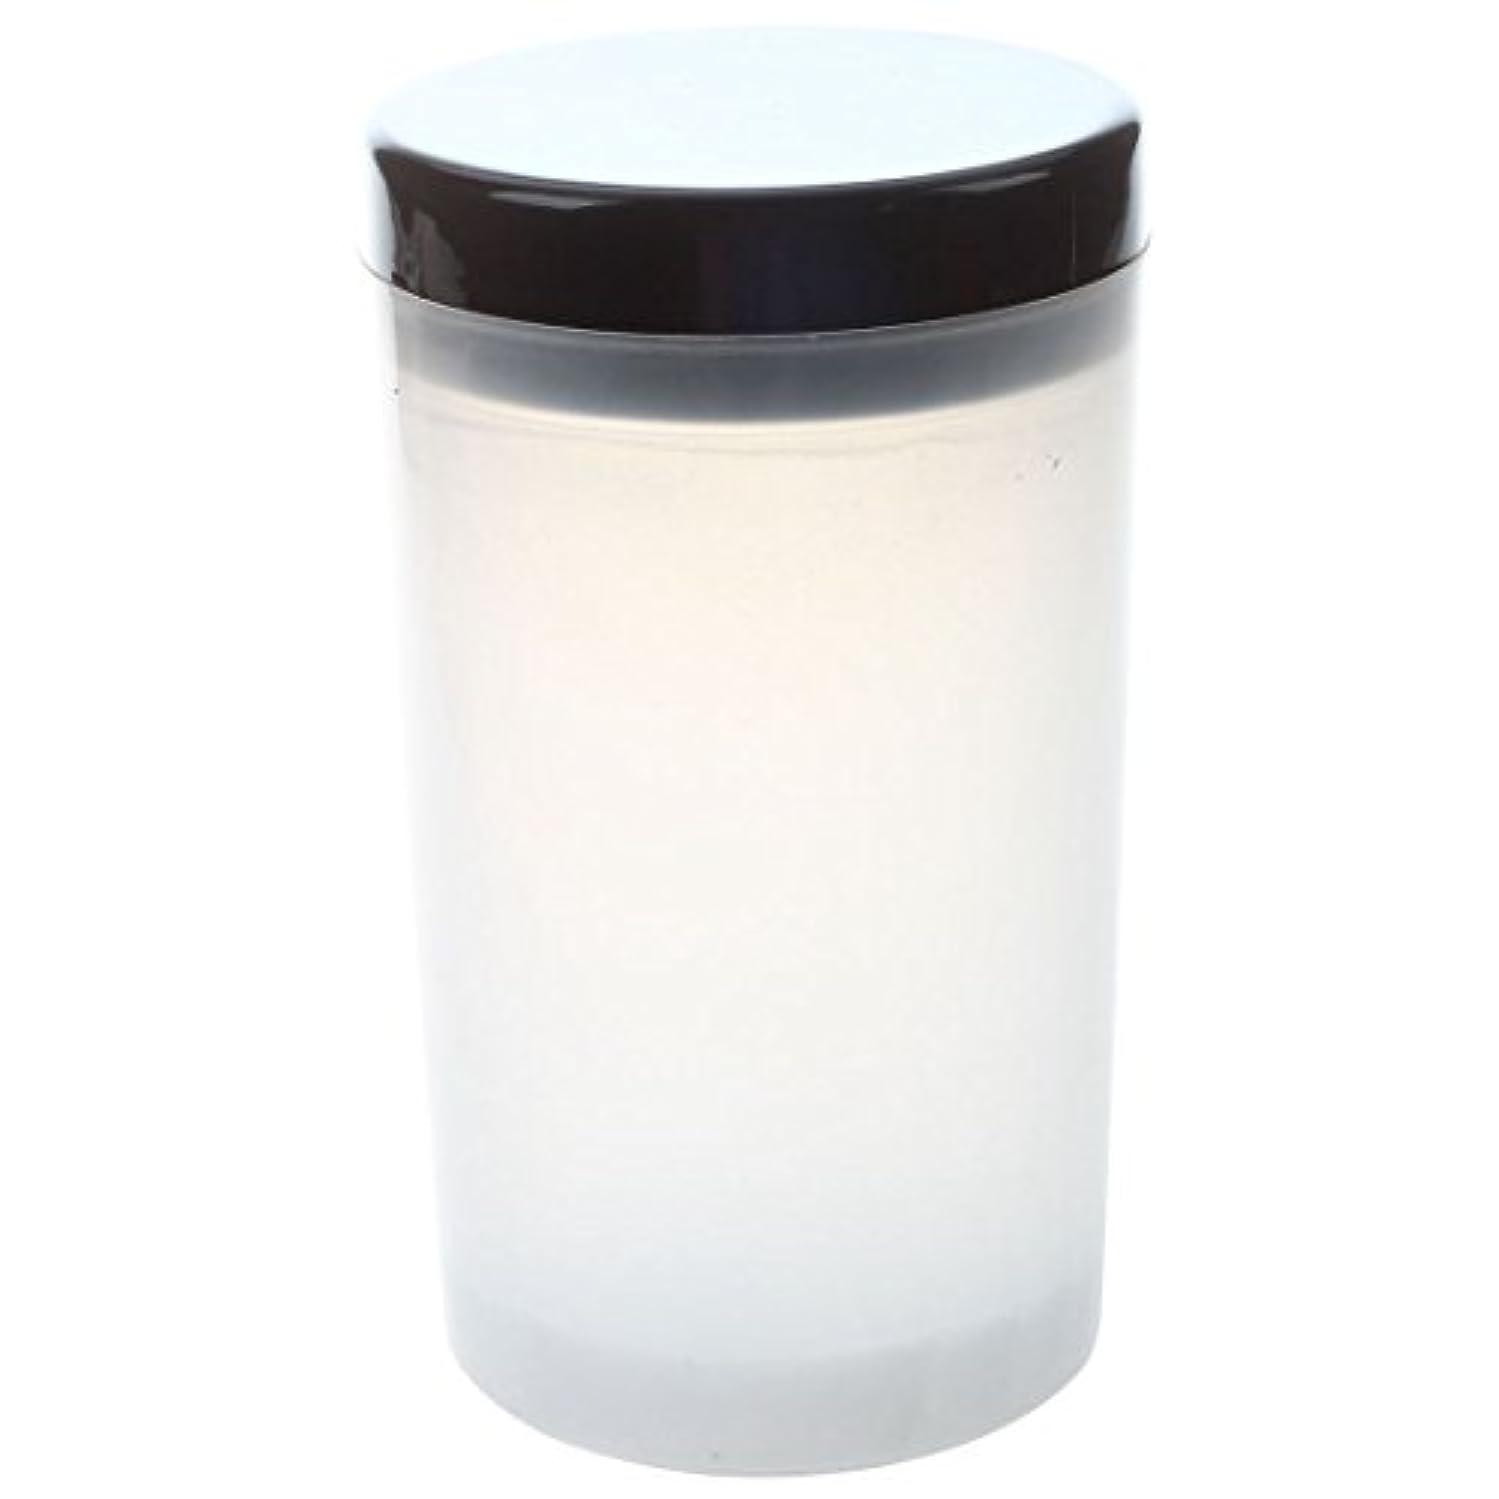 のため汚れた良心的ACAMPTAR ネイルアートチップブラシホルダー リムーバーカップカップ浸漬ブラシ クリーナーボトル